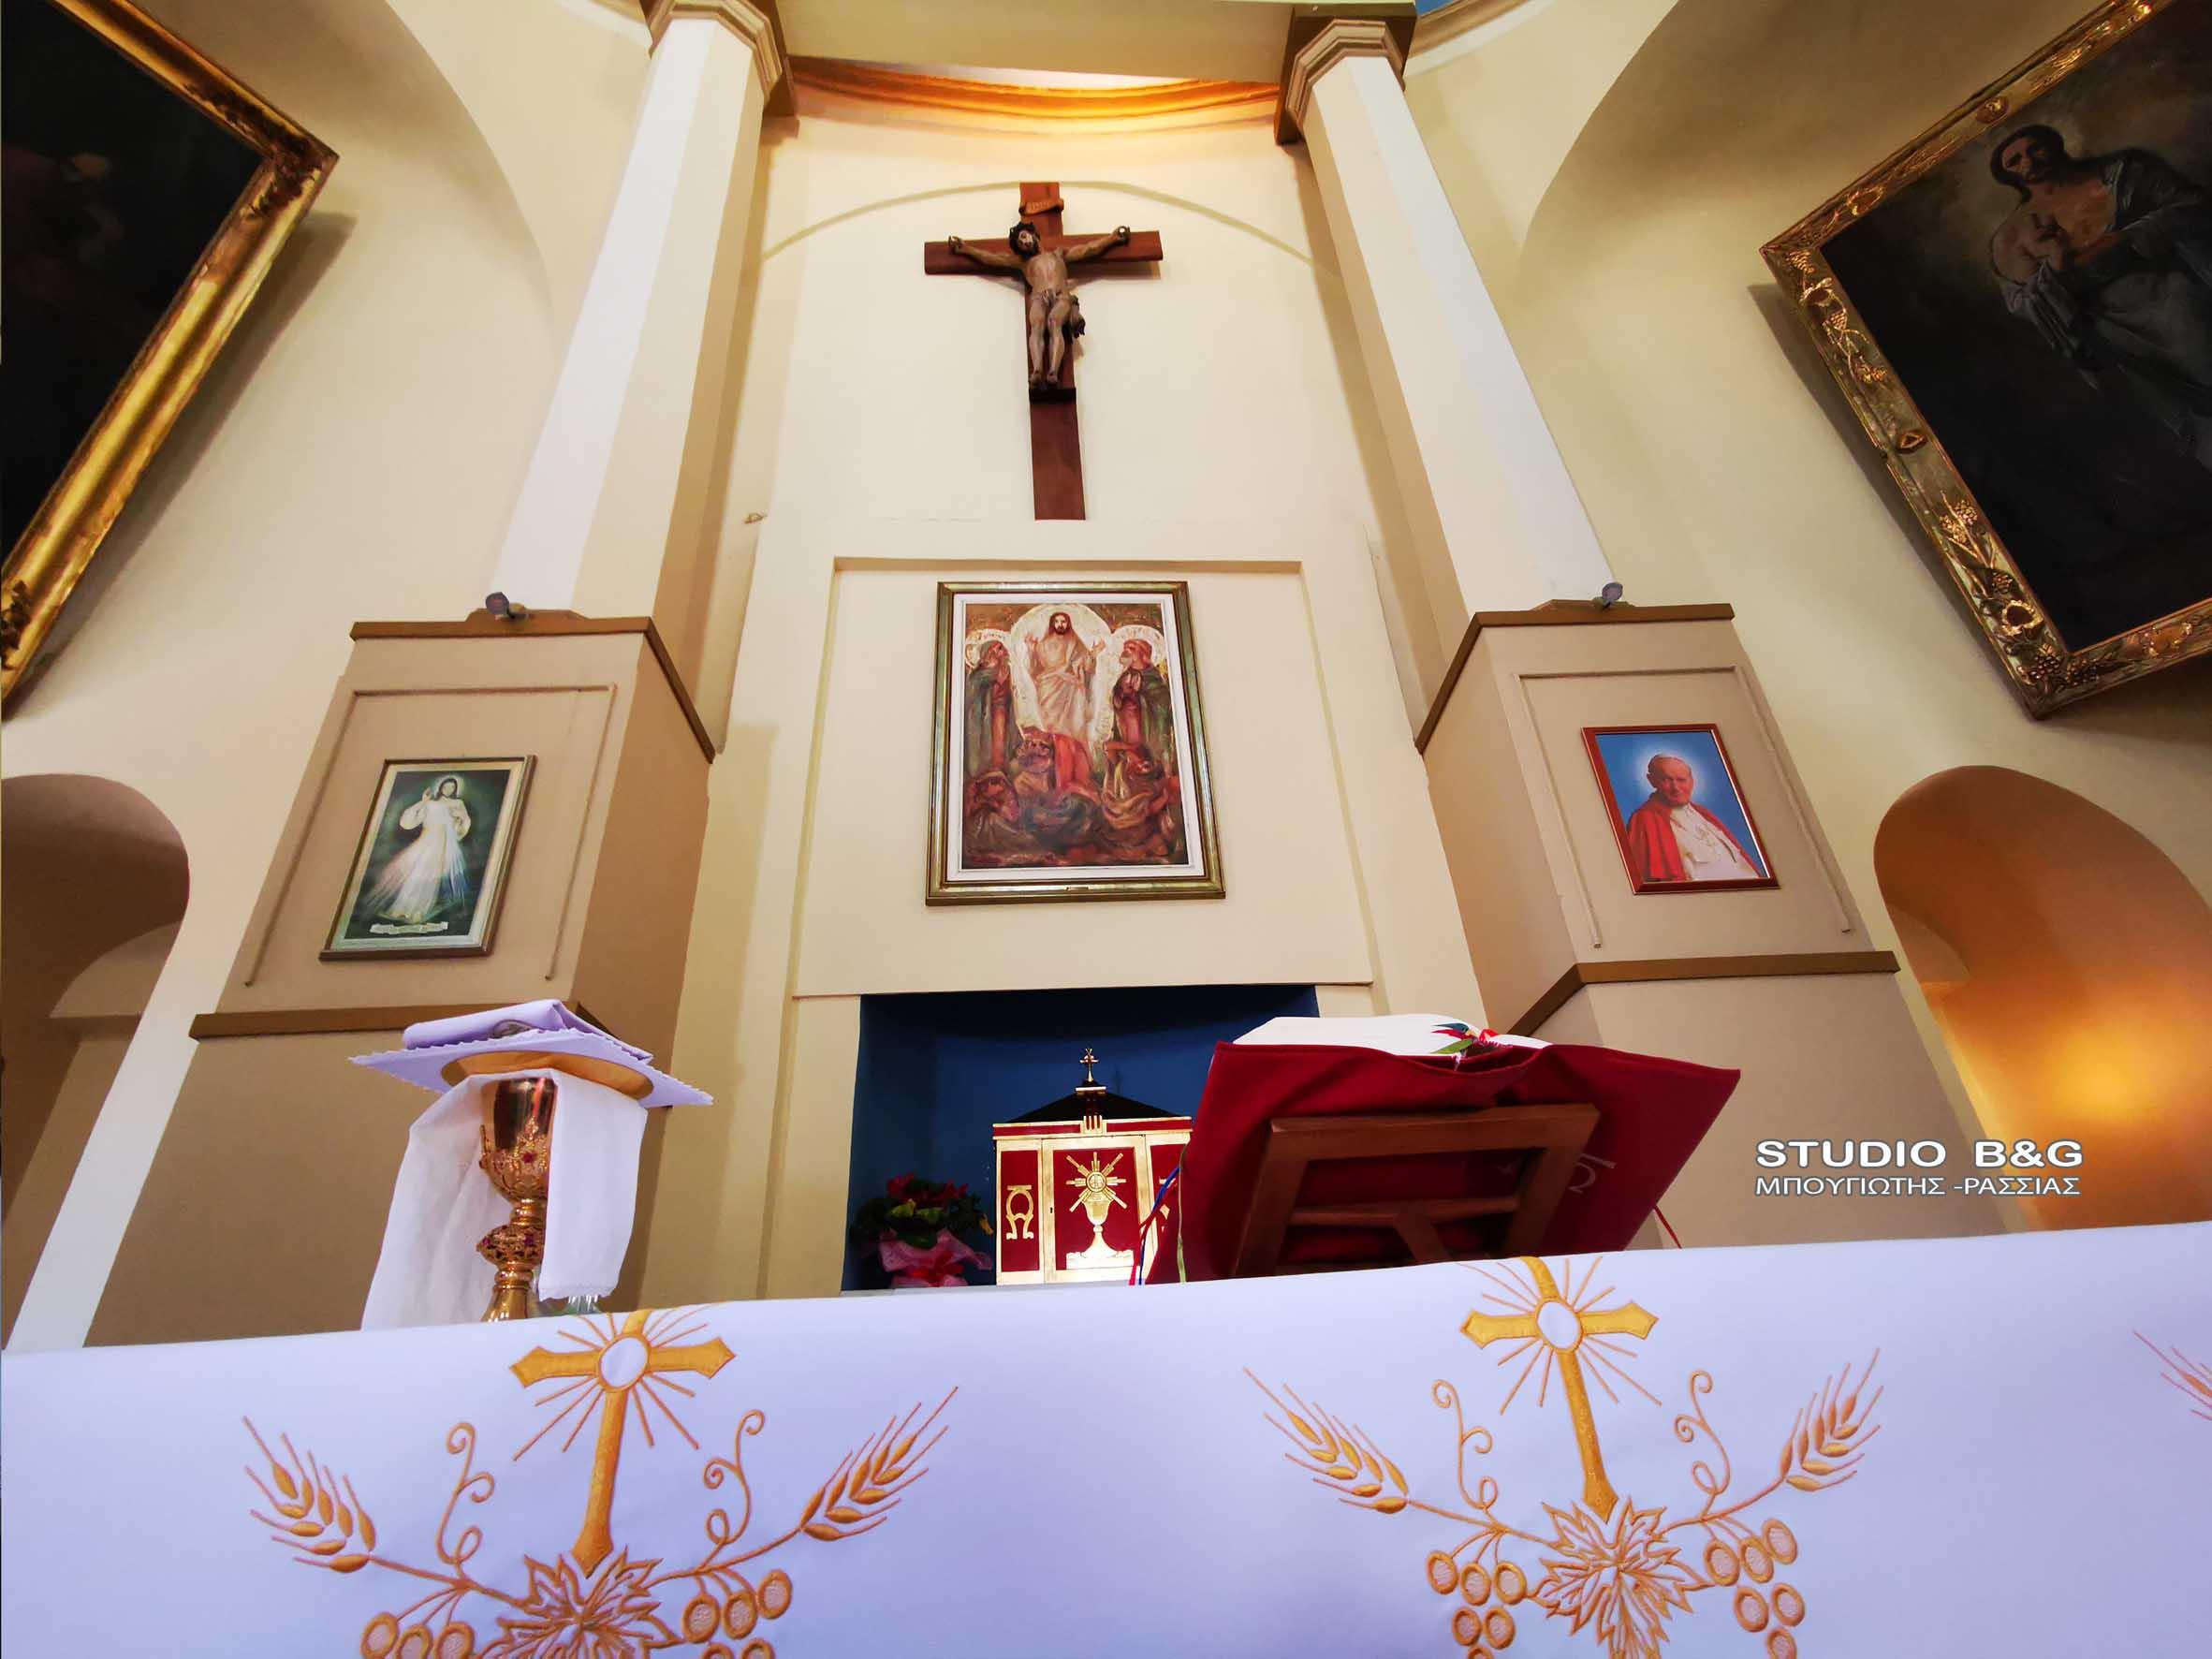 Κυριακή του Πάσχα για τους Καθολικούς Χριστιανούς και η εκκλησία της Μεταμορφώσεως του Χρηστού στο Ναύπλιο γιόρτασε το Πάσχα χωρίς πιστούς λόγω του covid-19, Κυριακή 4 Απριλίου 2021. Η Καθολική εκκλησία στο Ναύπλιο είναι παλιό Μουσουλμανικό τζαμί και δόθηκε στην καθολική κοινότητα του Ναυπλίου από τον βασιλιά ΟθωνΑ. Από τότε λειτουργεί κανονικά για τις ανάγκες των καθολικών που ζουν στην ευρύτερη περιοχή της Αργολίδας.